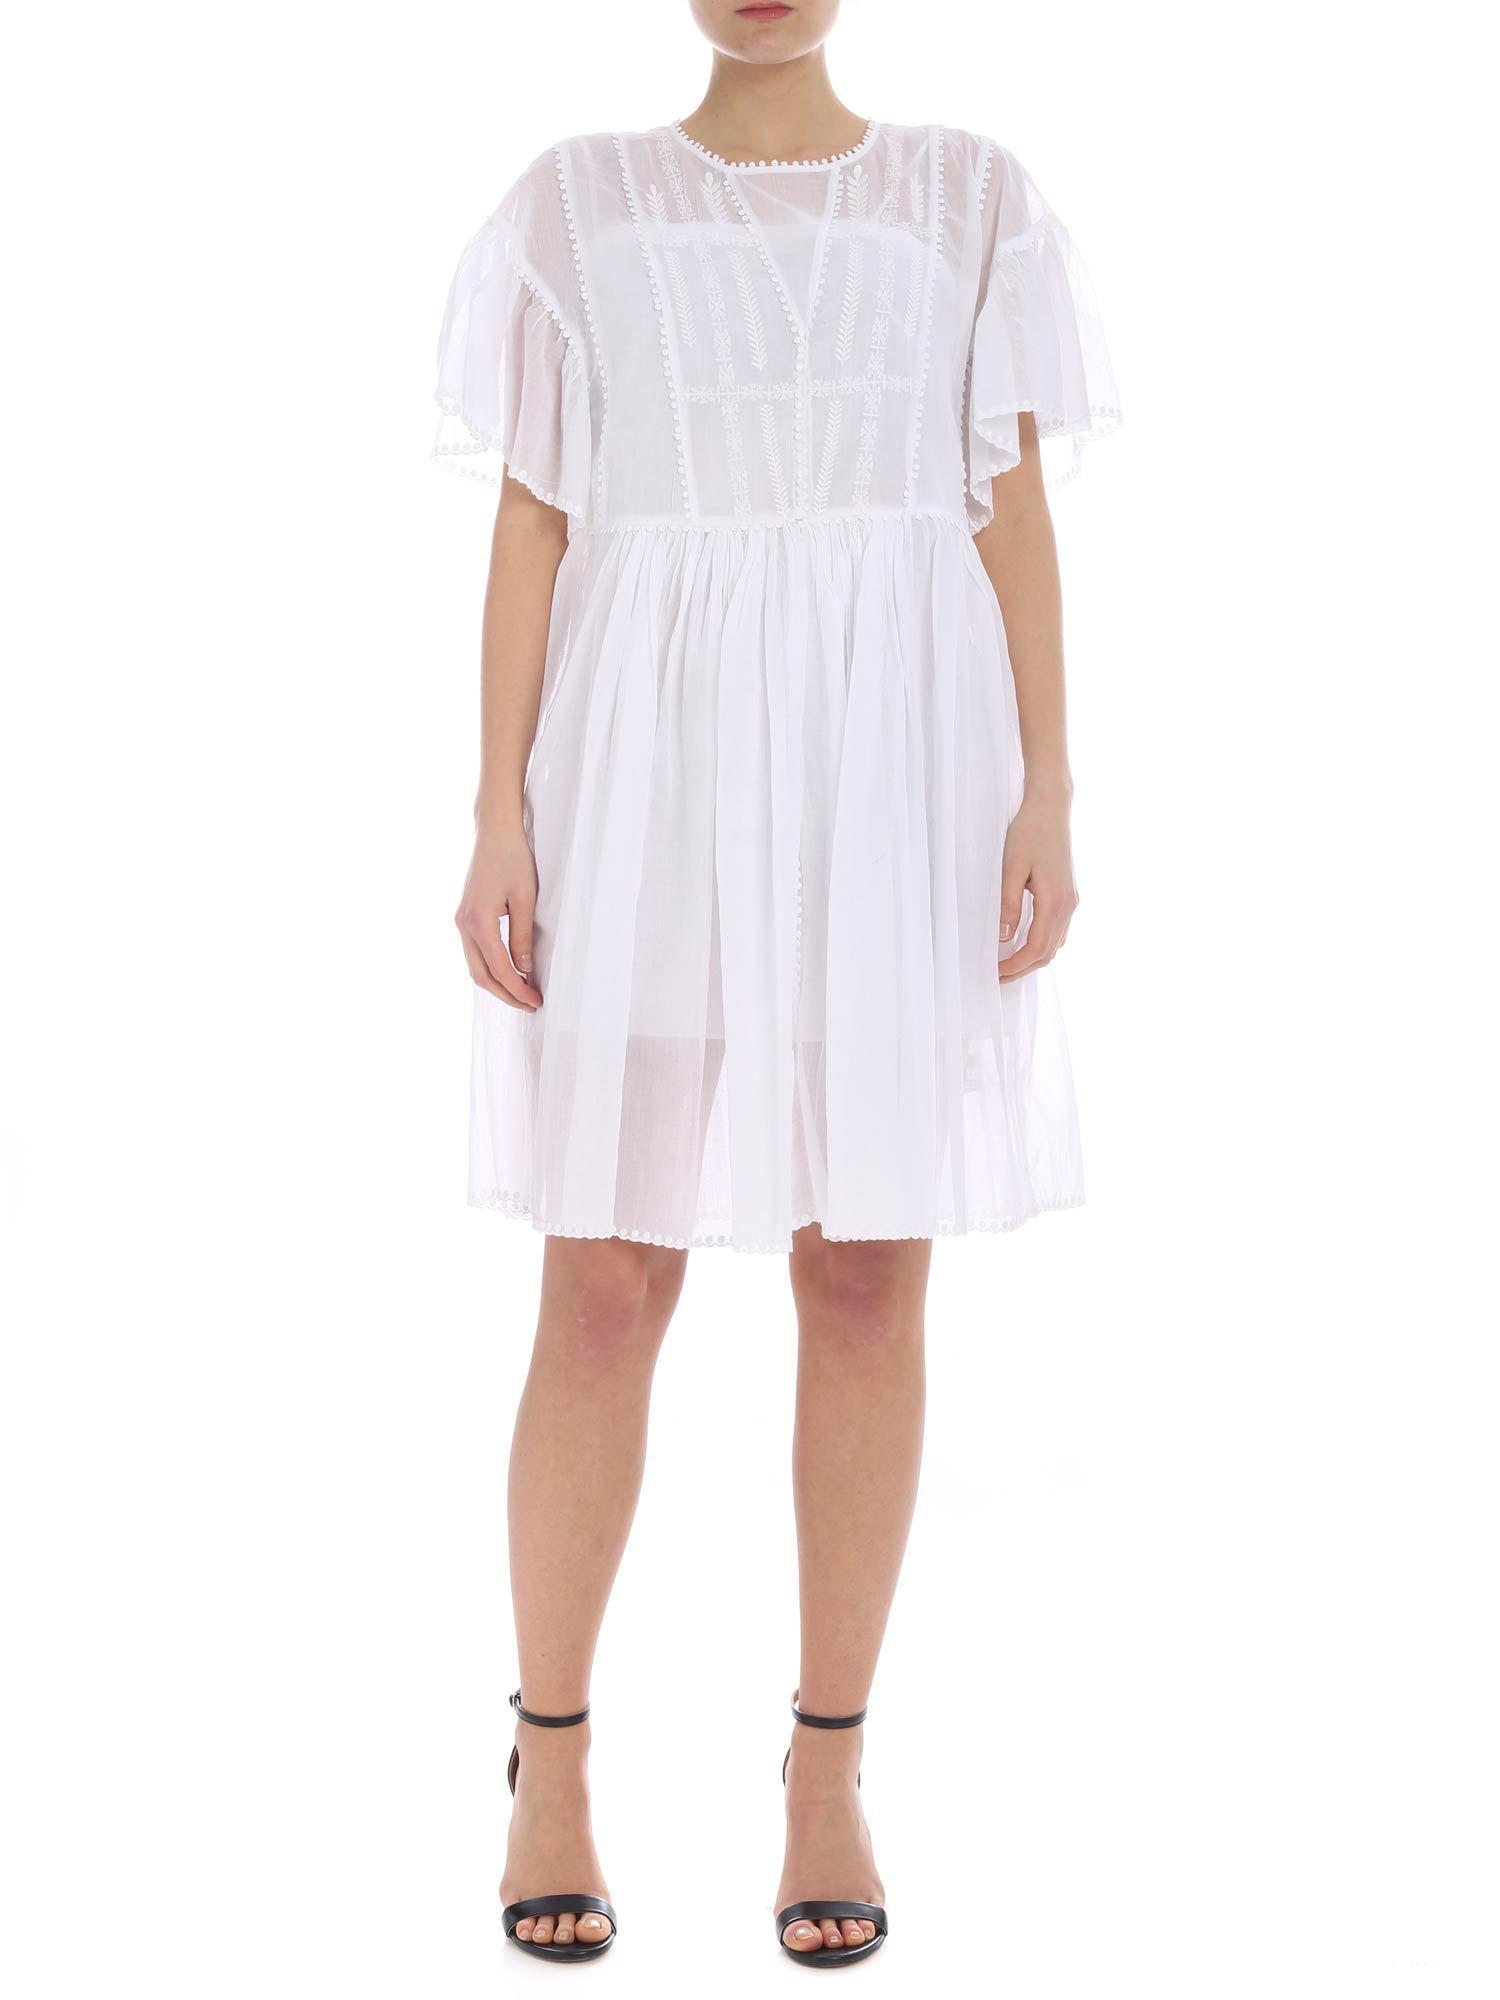 7d6013f9061 Lyst - Étoile Isabel Marant White Annaelle Dress in White